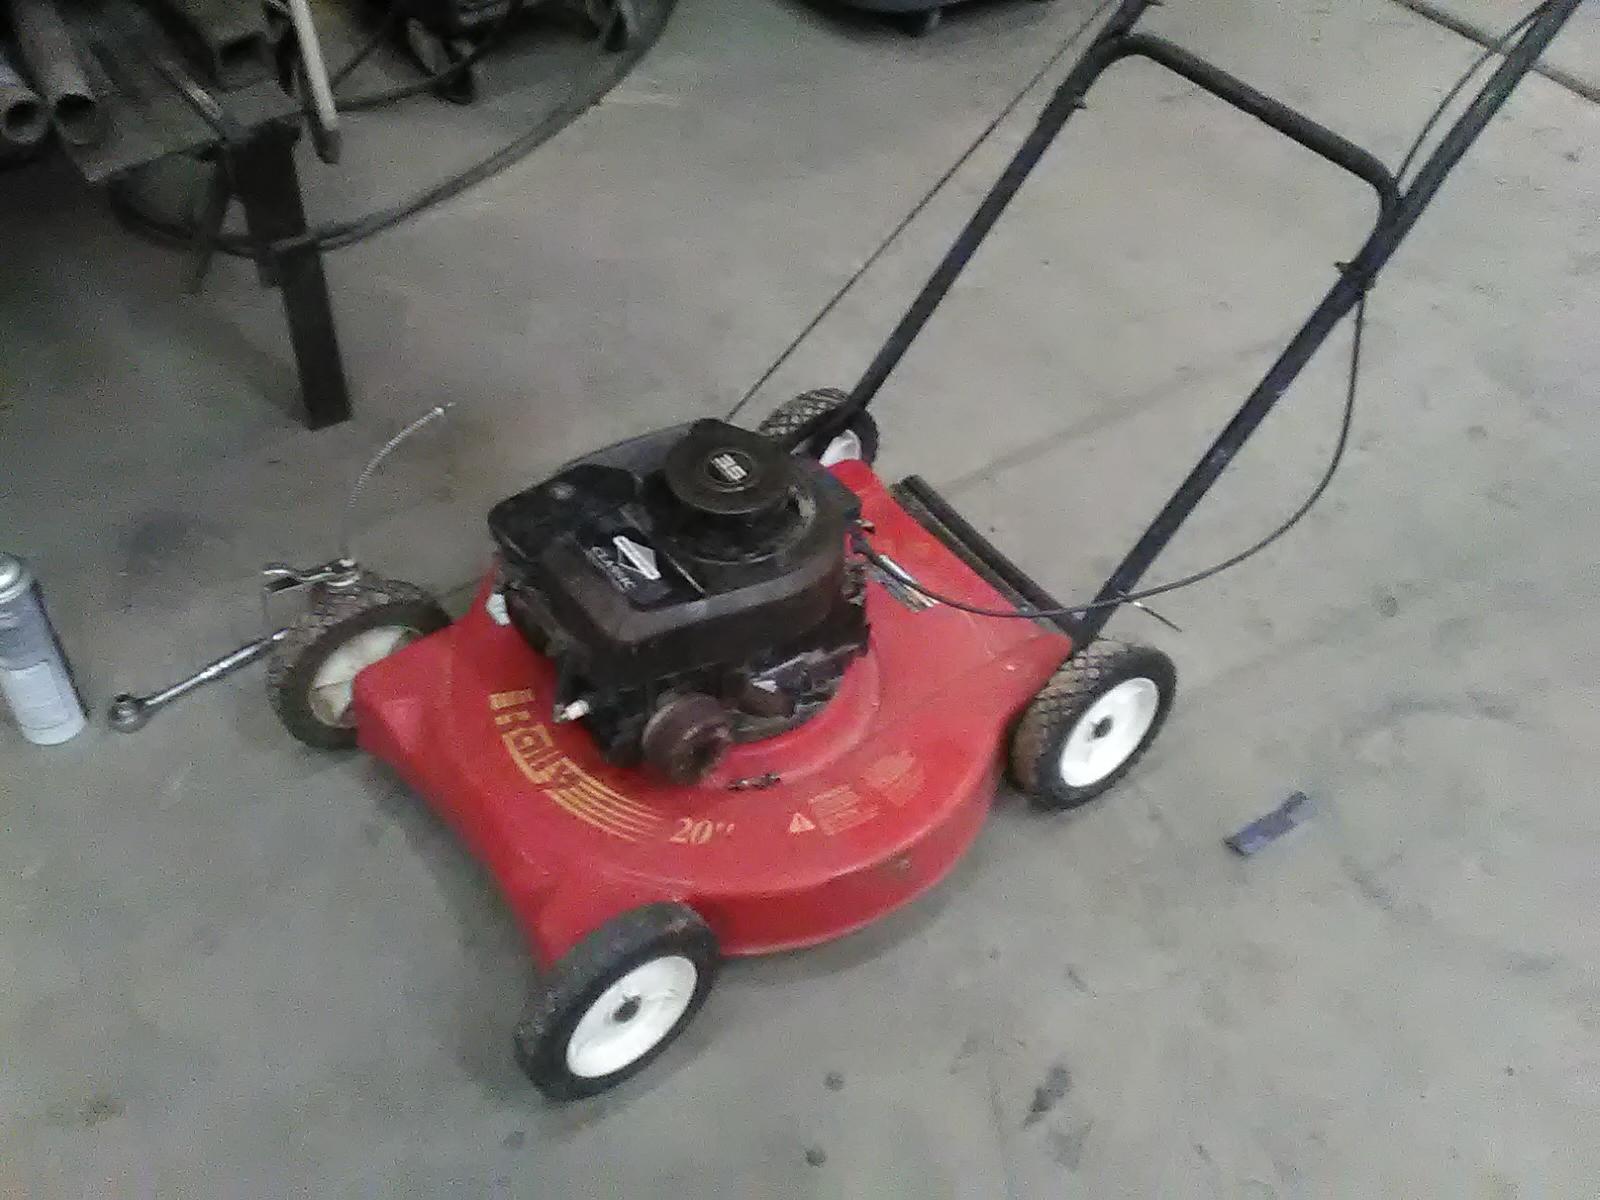 Spring Time Push Mower Maintenance